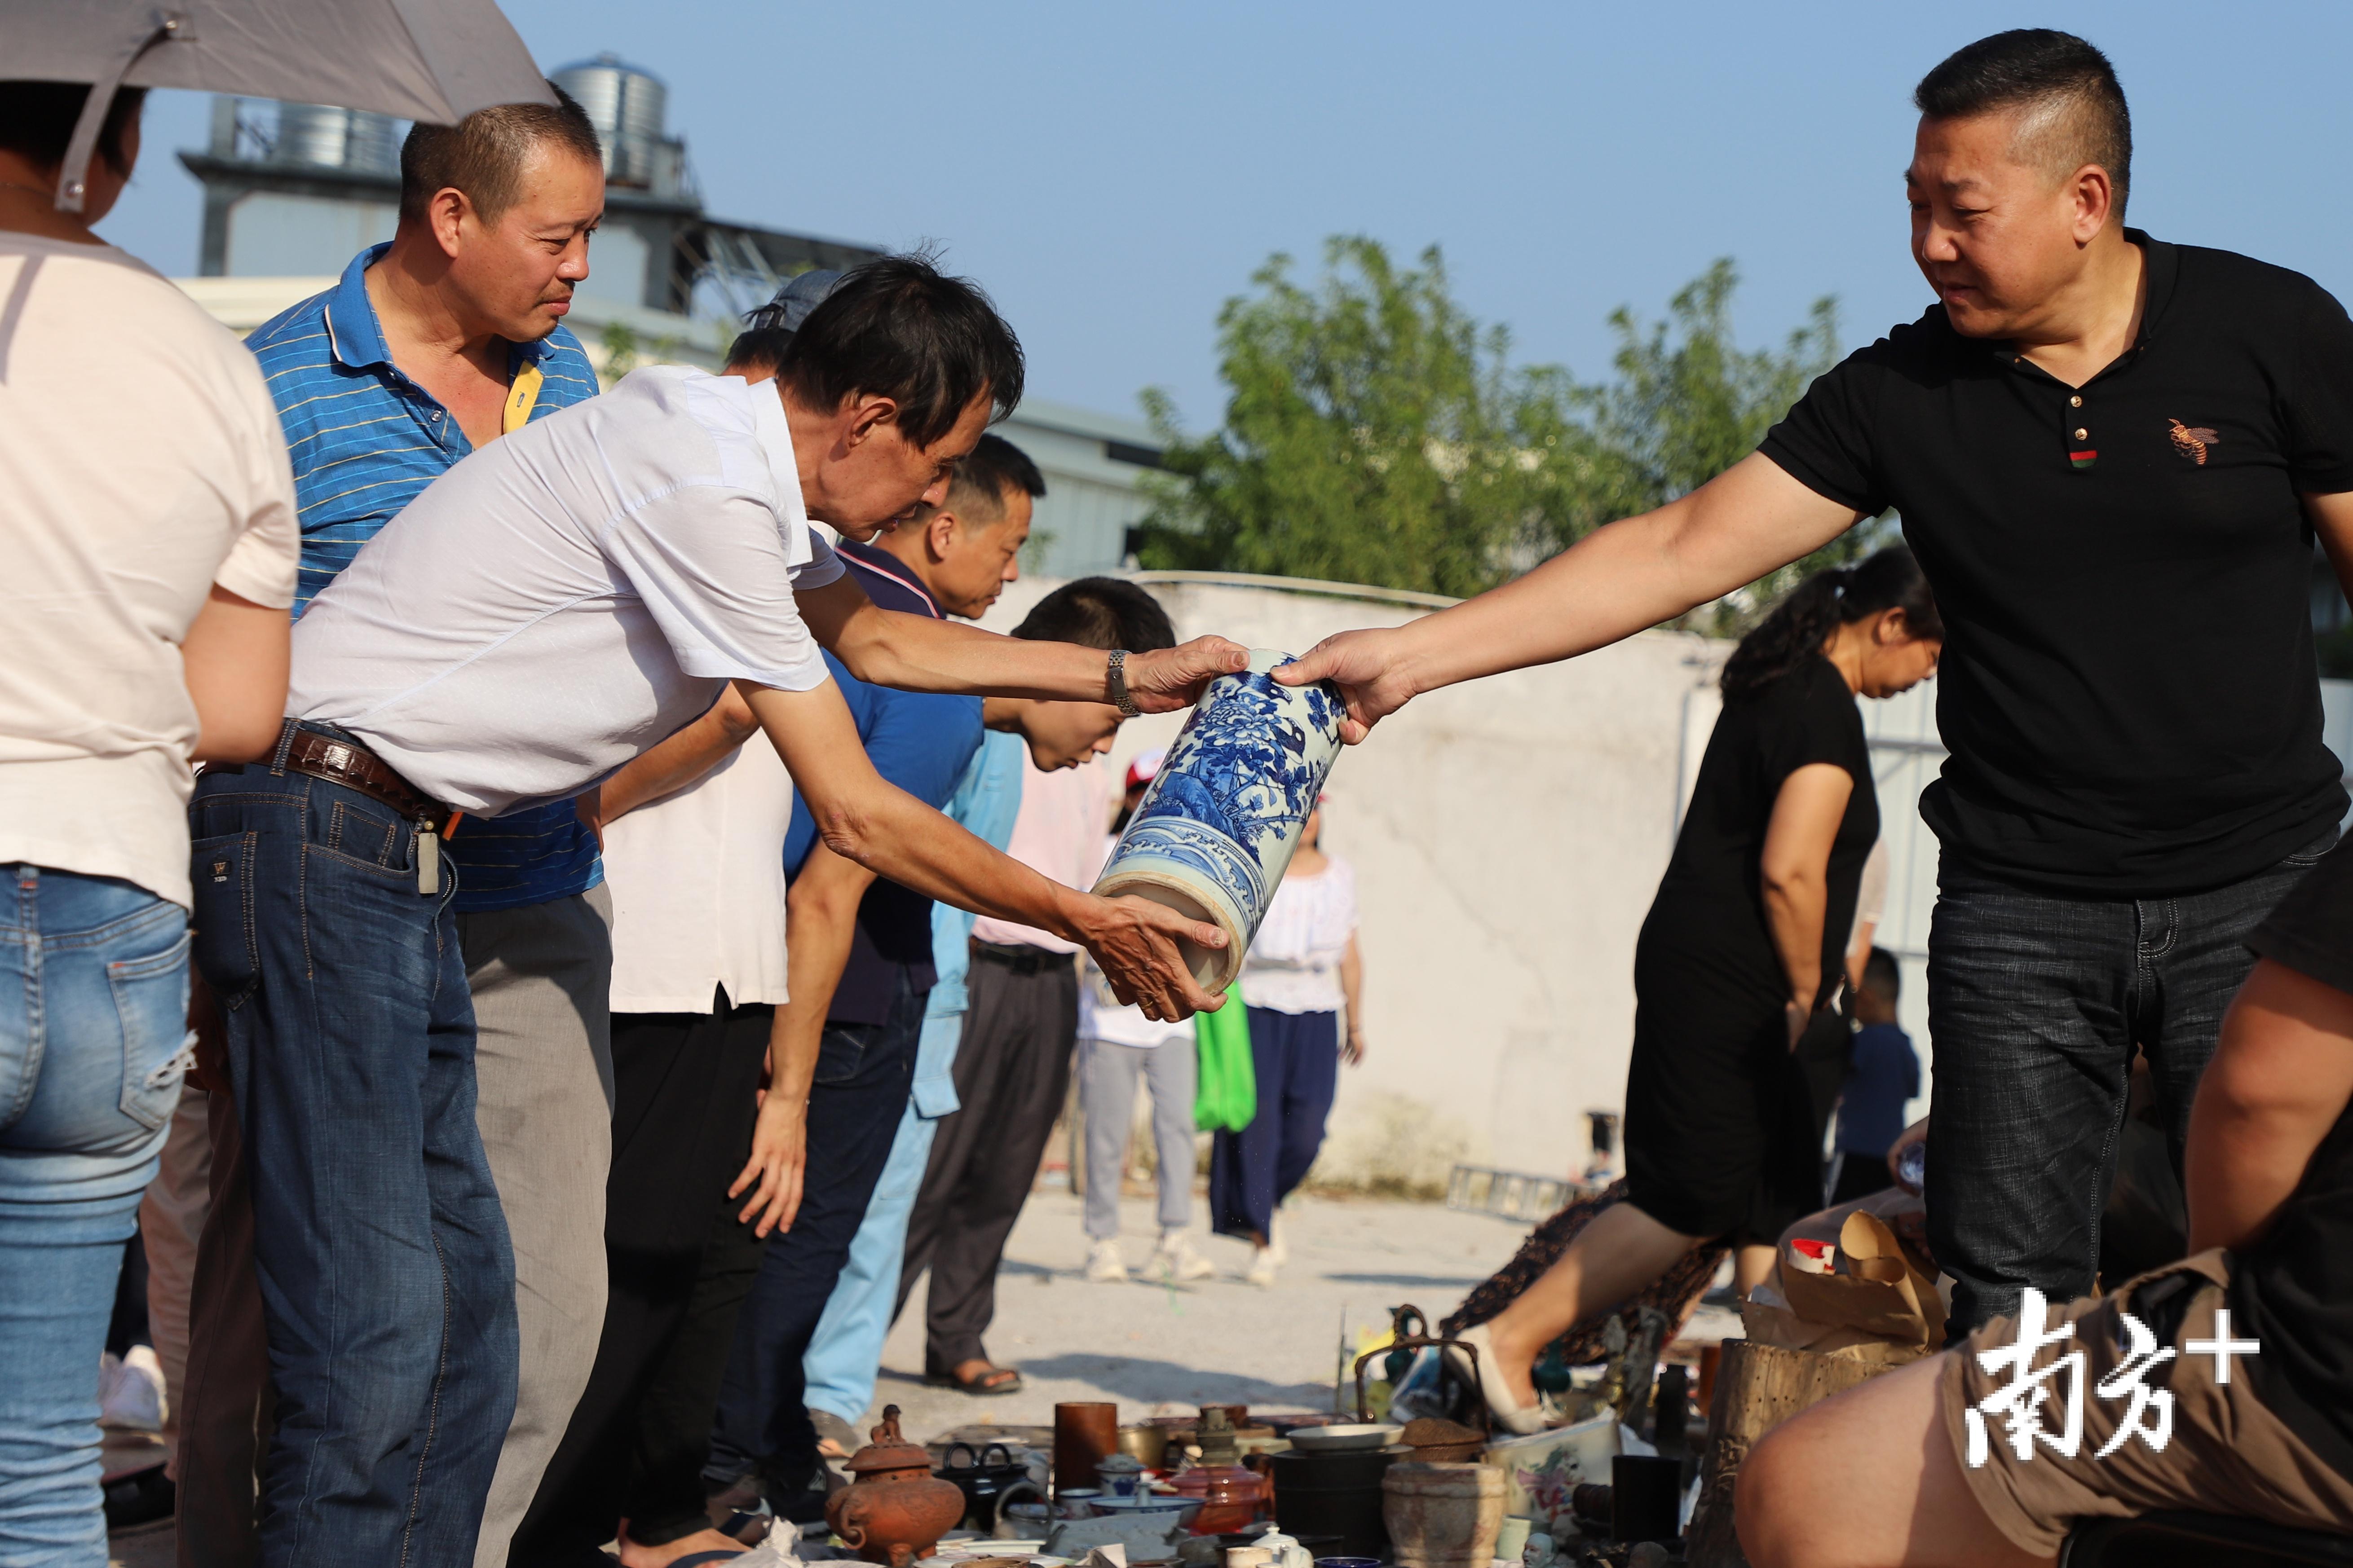 游客与古玩摊主达成交易。